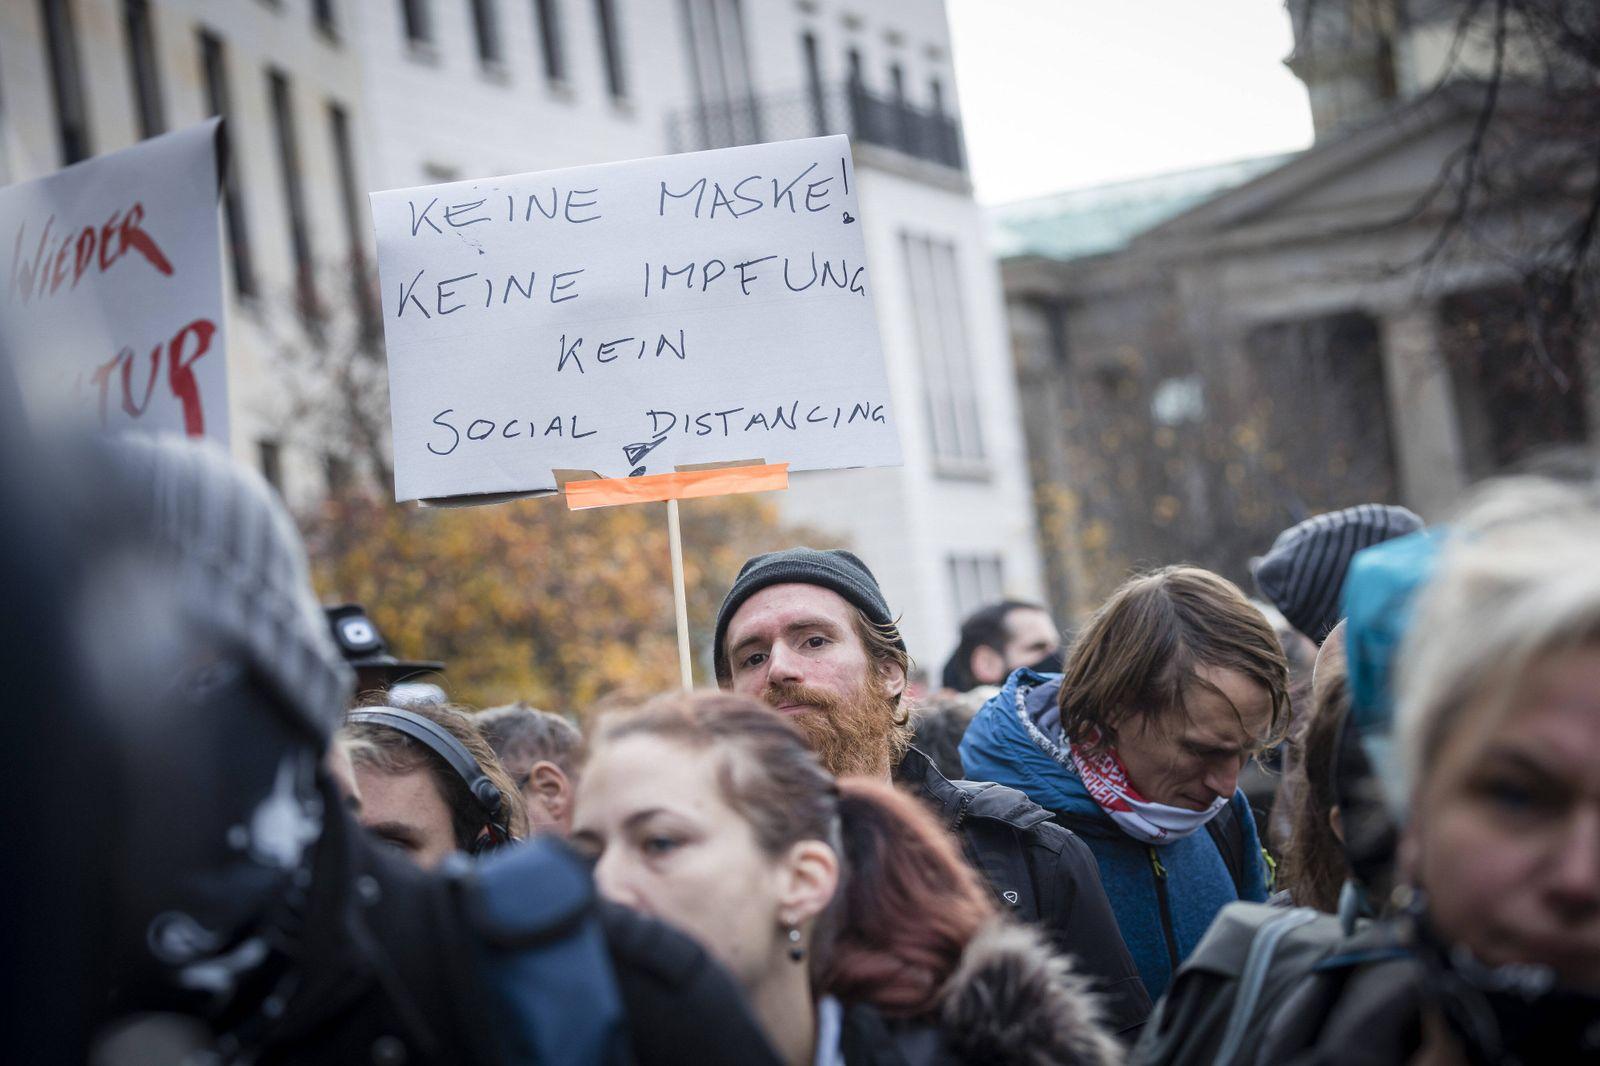 Demonstration gegen die Corona-Schutzmassnahmen der Bundesregierung am Bundestag. Zahlreiche Menschen protestieren gege